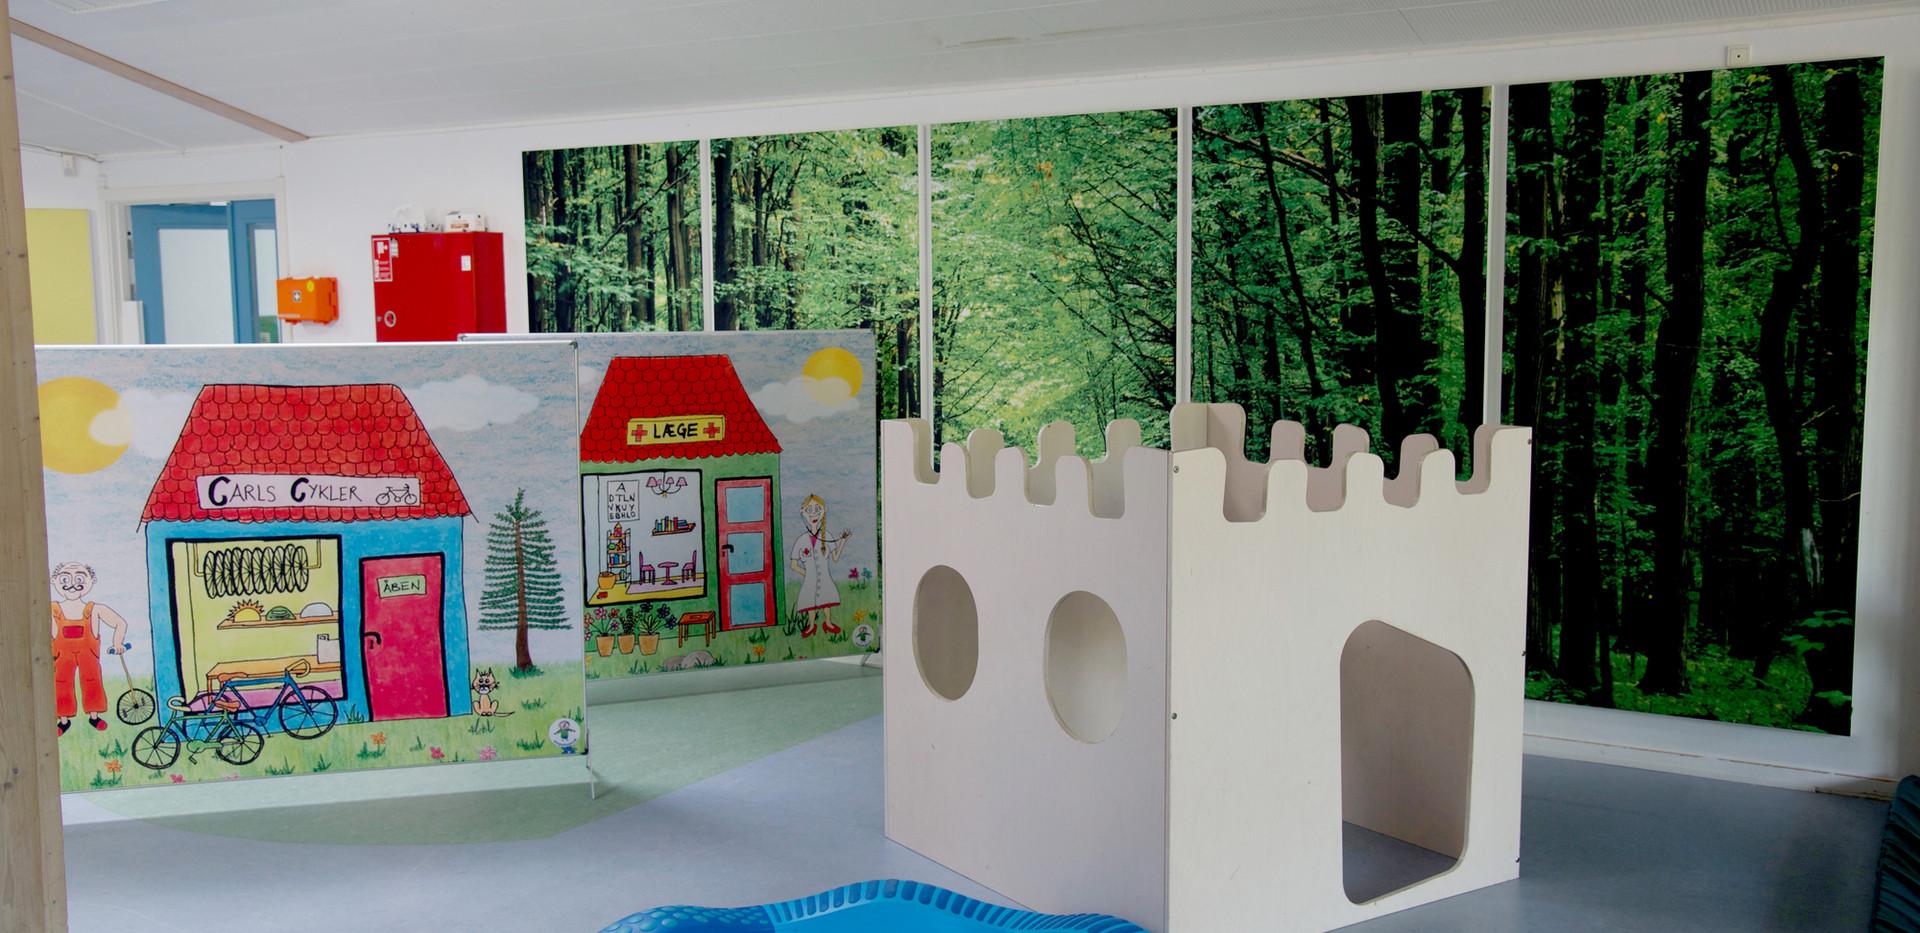 Akustikregulering med akustikbillede i børnehave